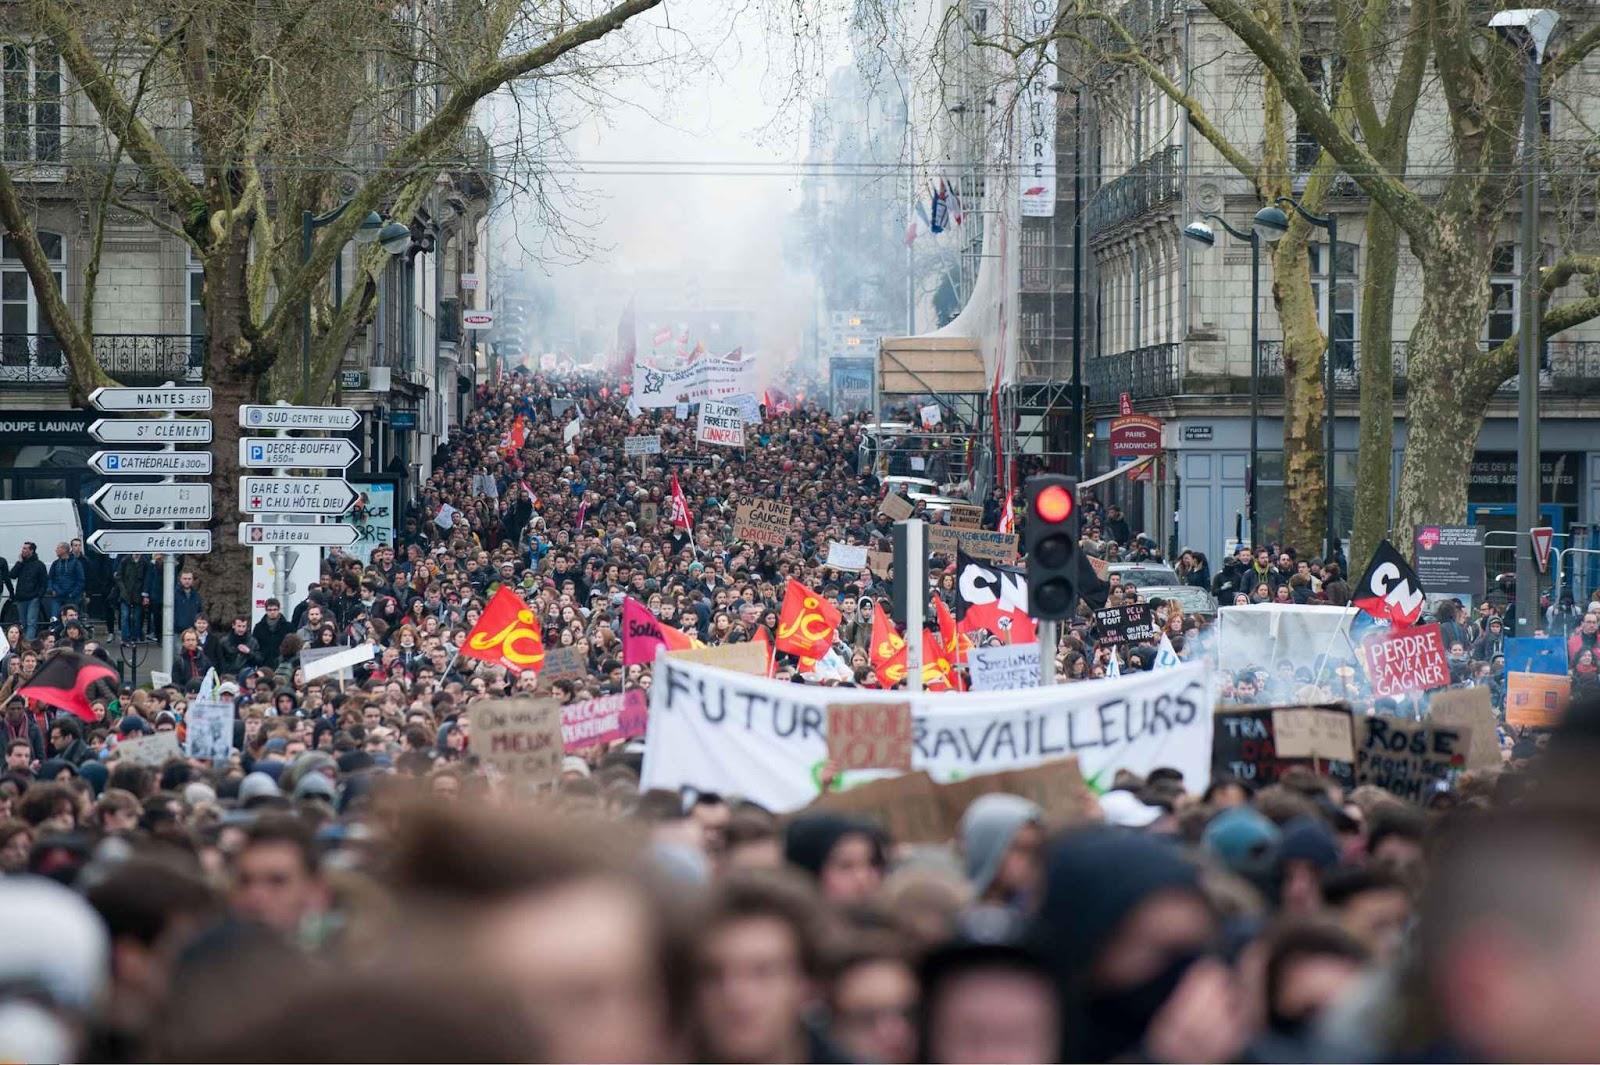 2048x1536-fit_manifestation-contre-la-loi-travail-a-nantes-le-31-mars-salom-gomis_1820-0217-credit-sebastien-salom